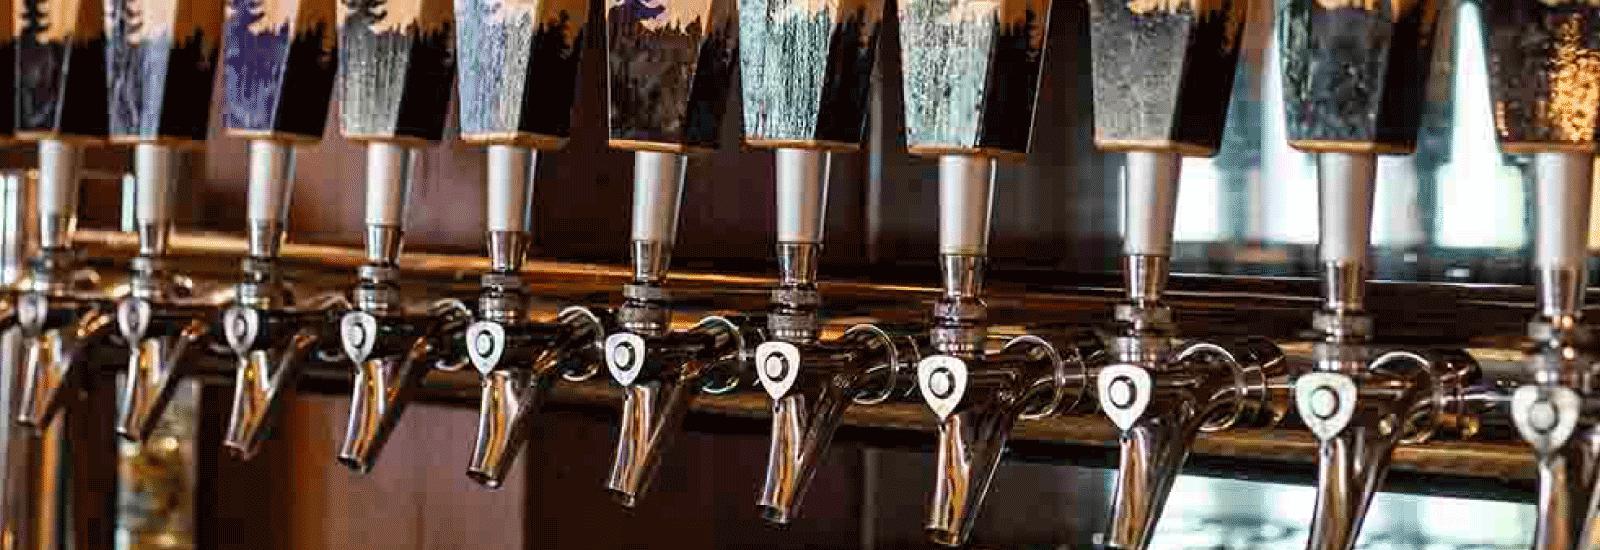 Harrisburg Breweries